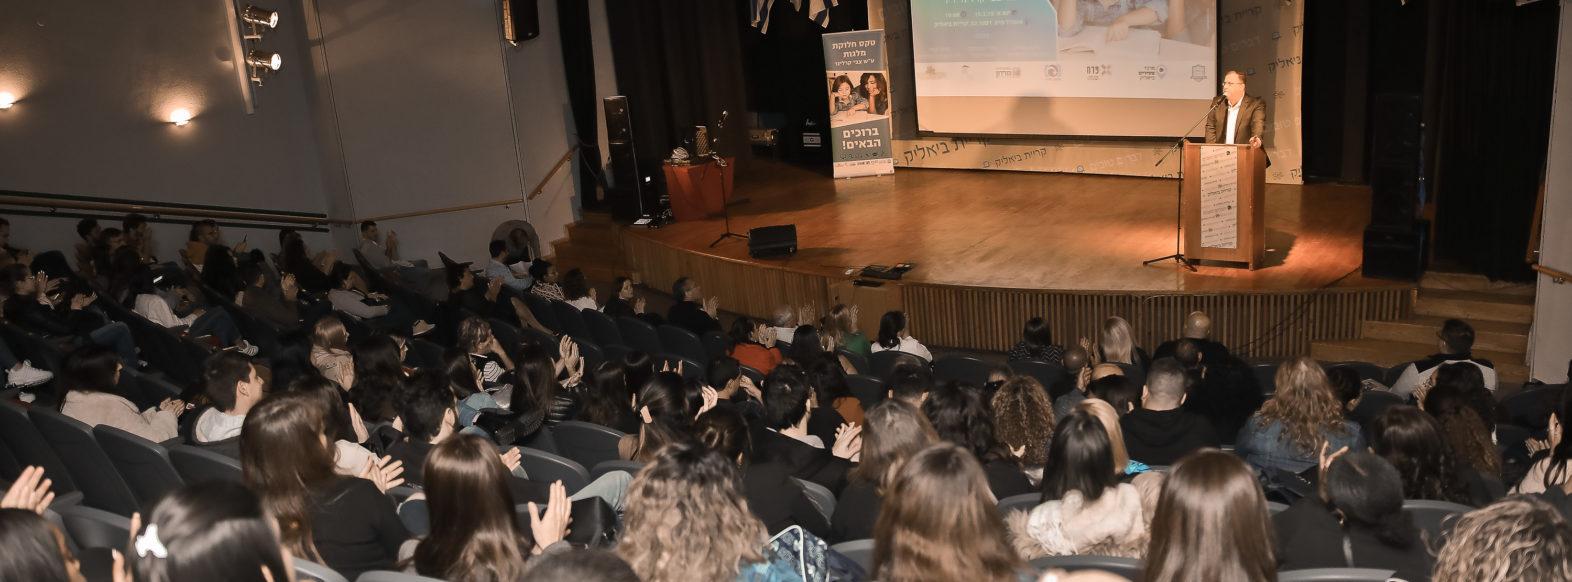 קריית ביאליק העניקה 180 מלגות לסטודנטים